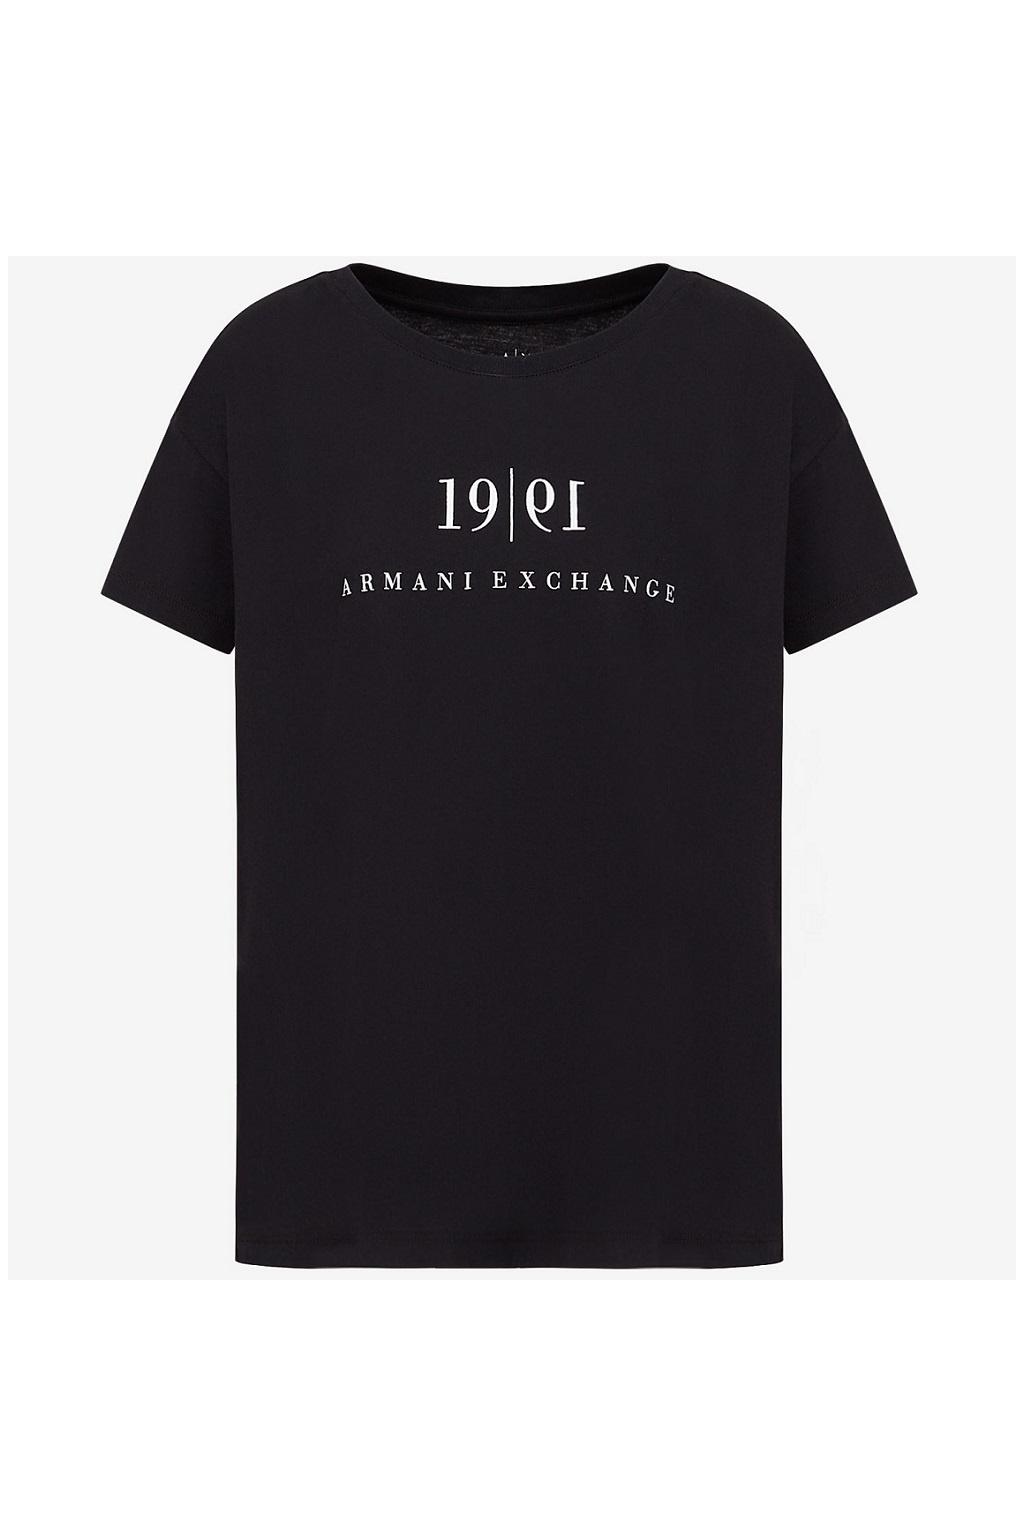 Dámské tričko Armani Echange 6KYTEE YJ6QZ černé